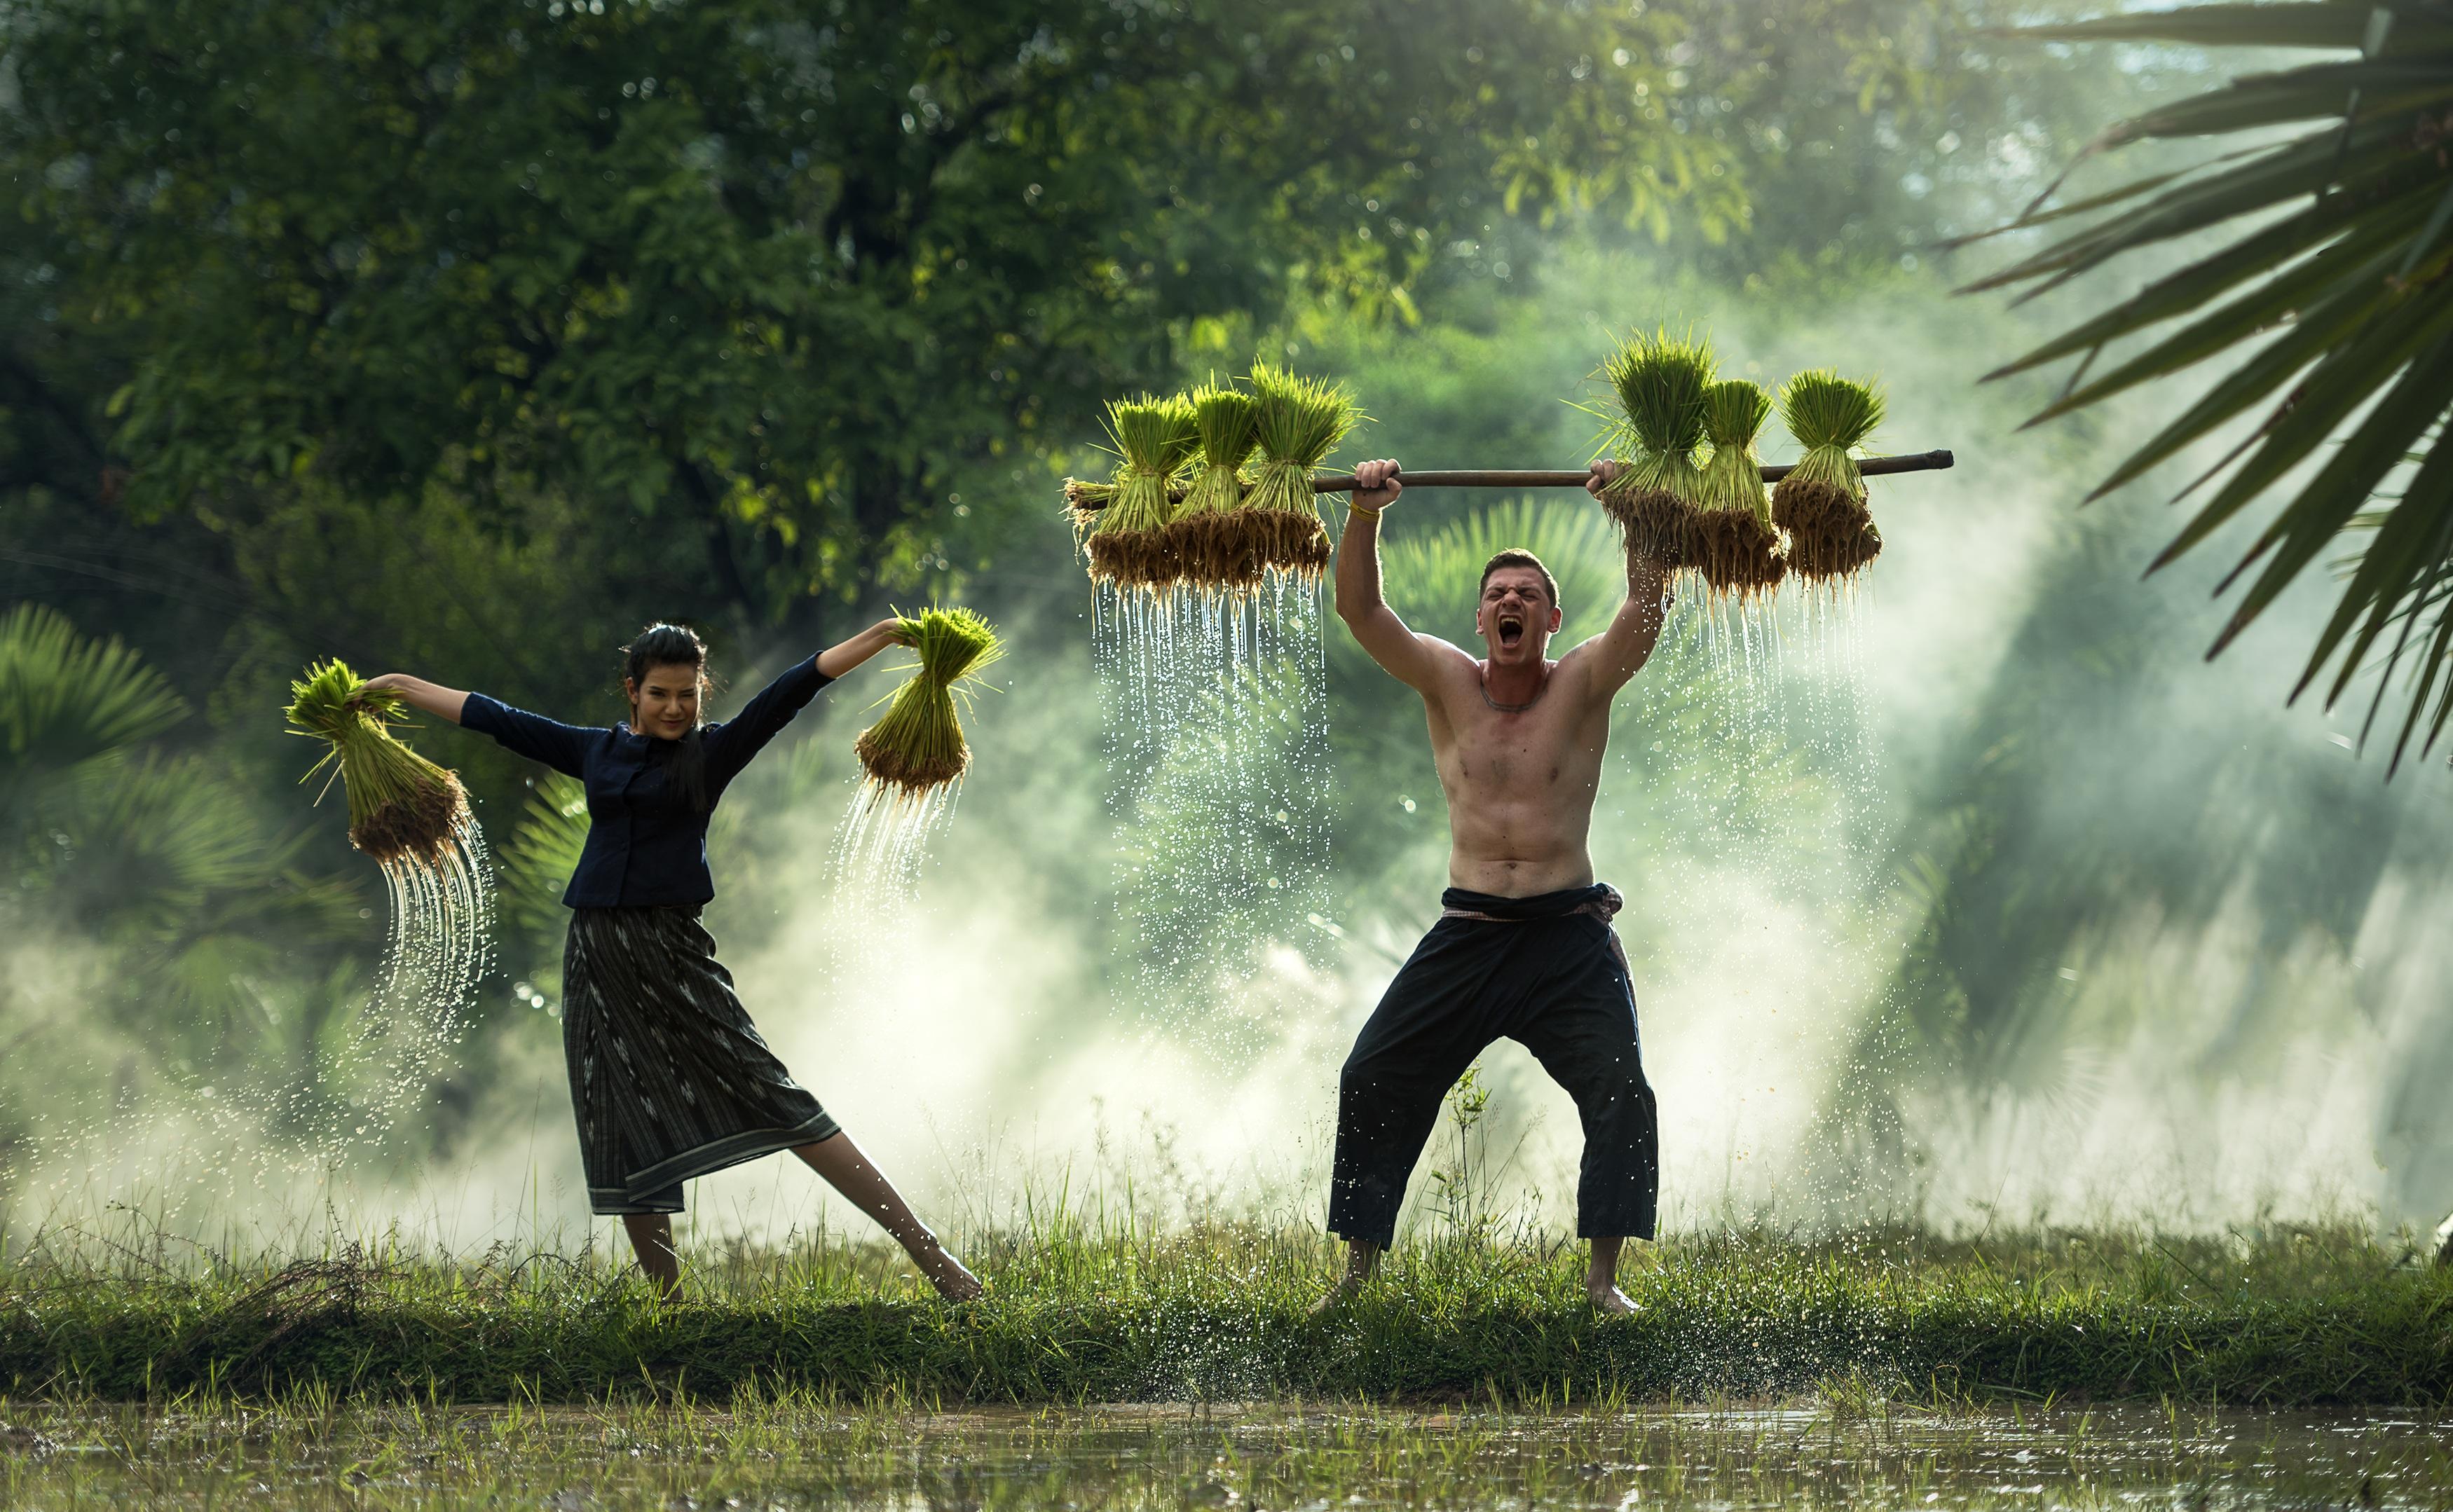 kostenlose foto  wasser gras draussen menschen